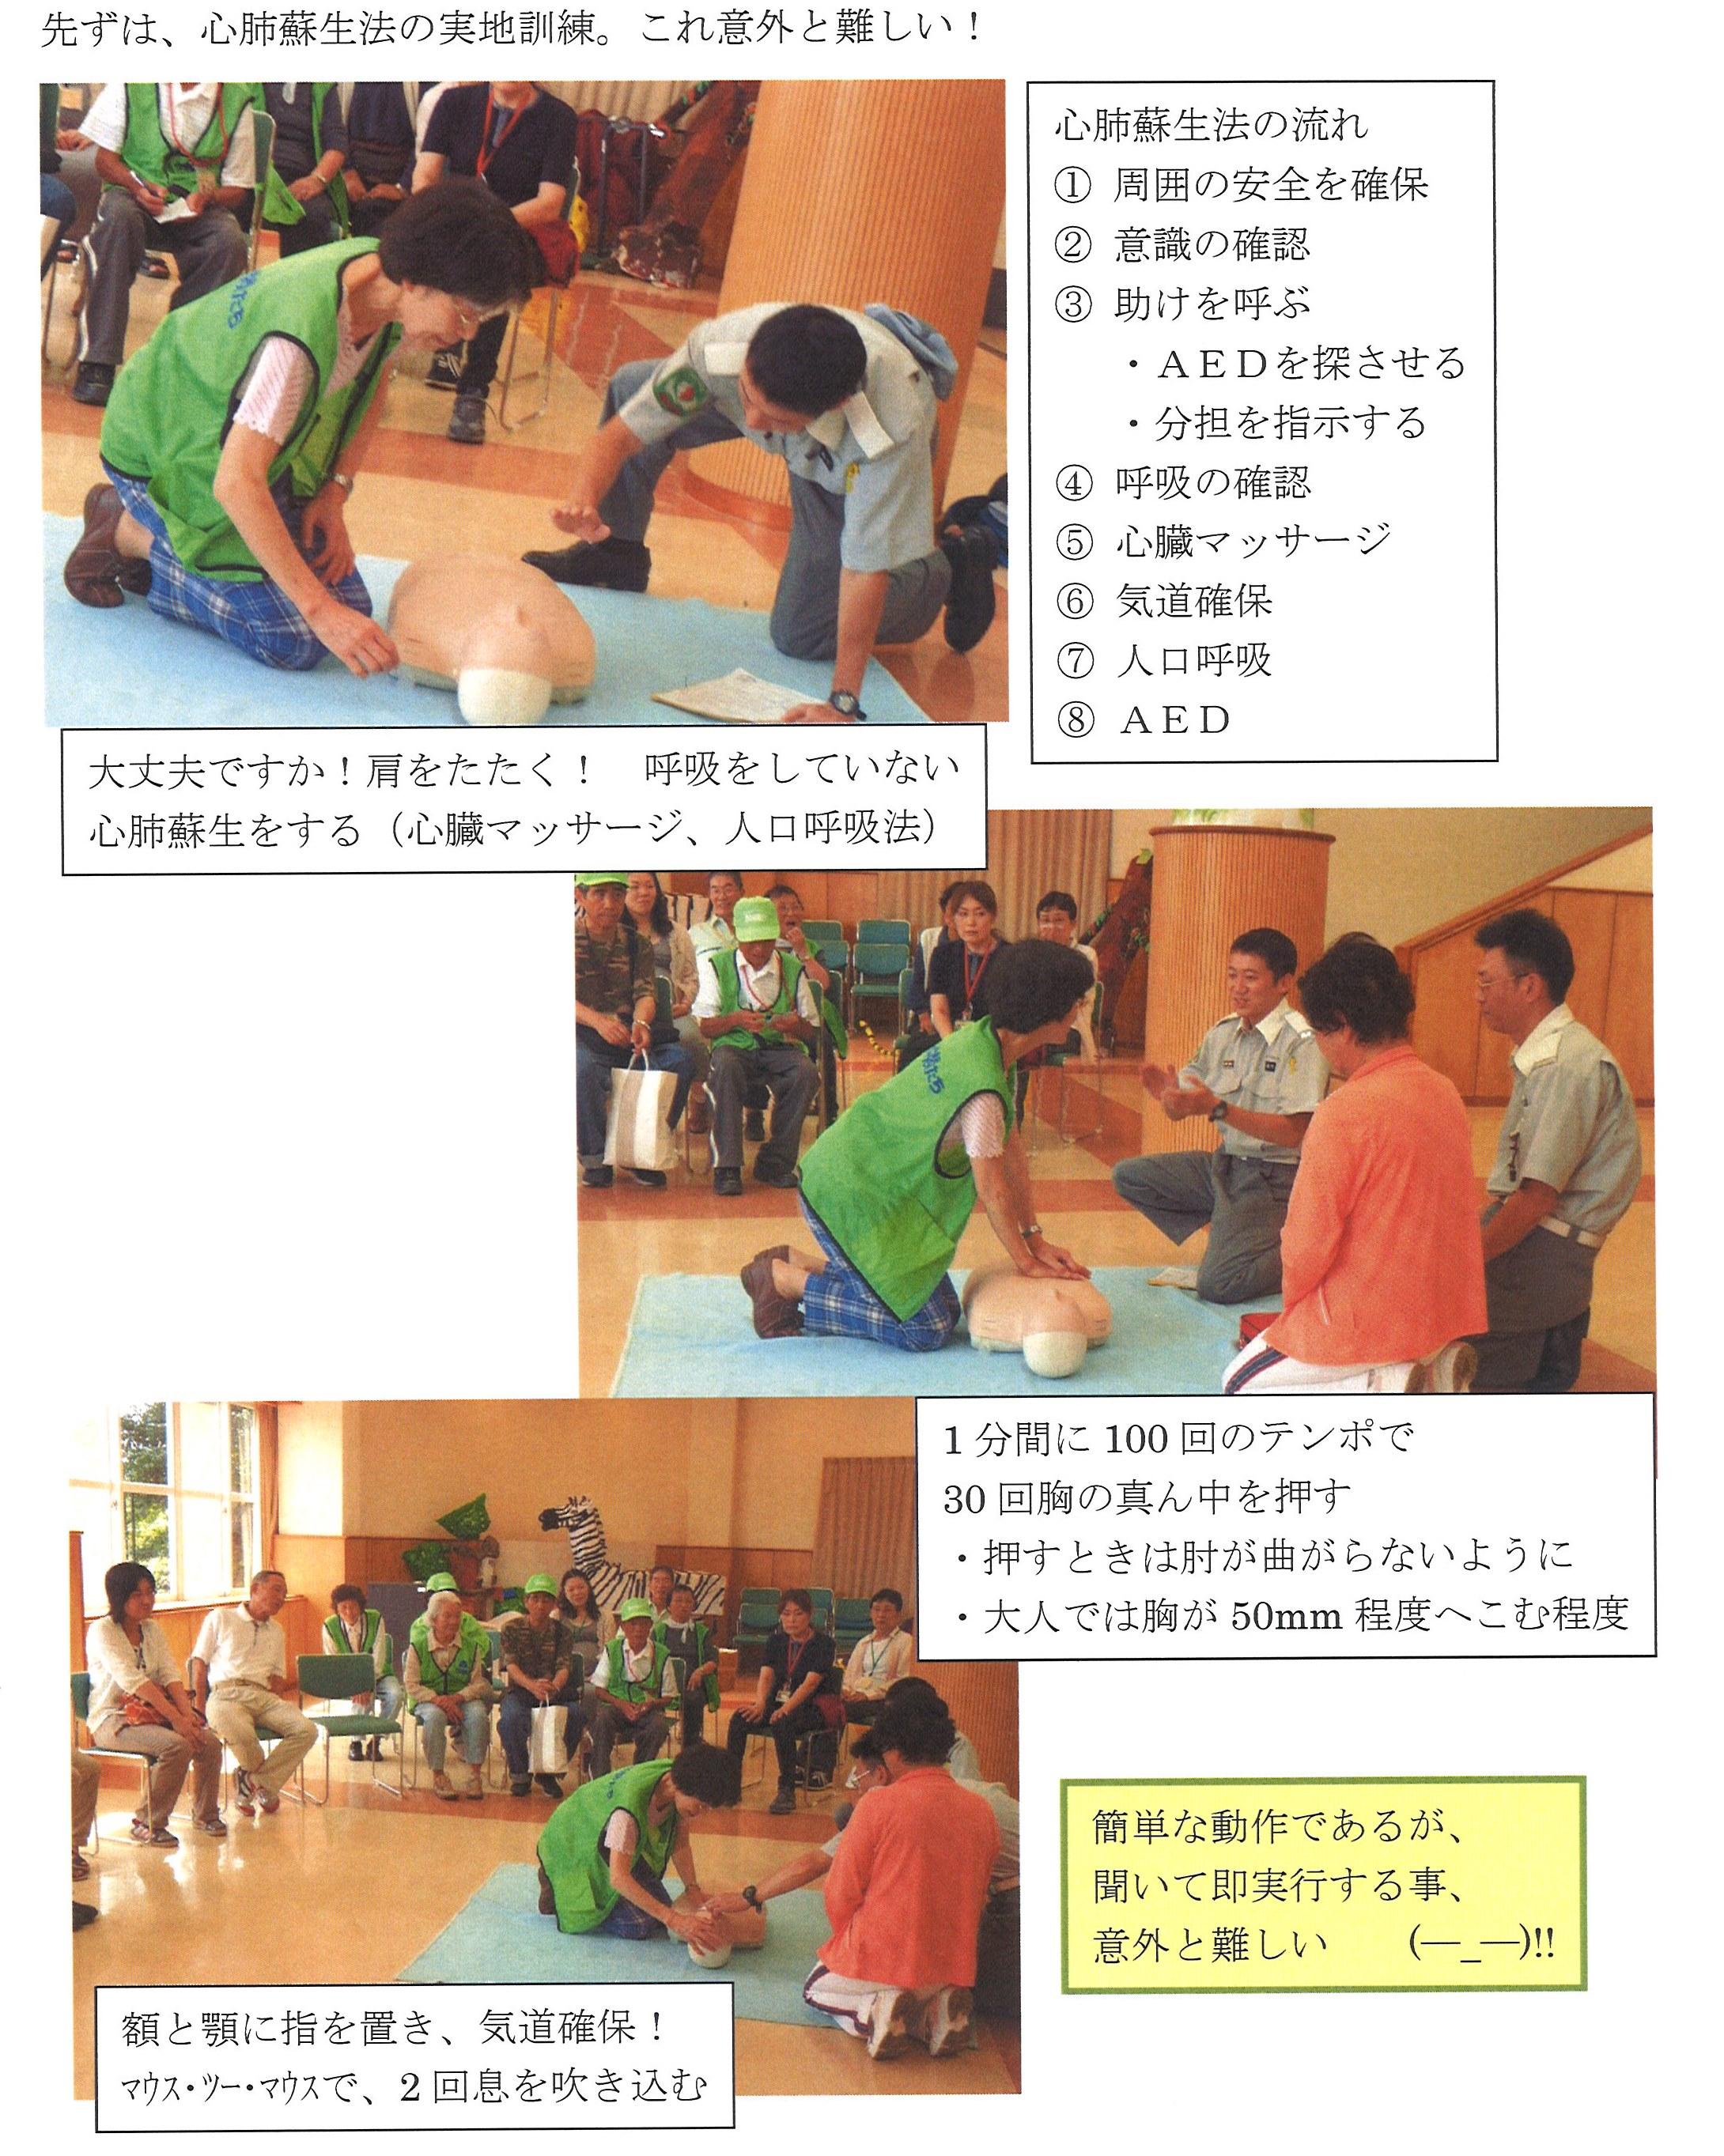 20140911_森の仲間たち_2.jpg